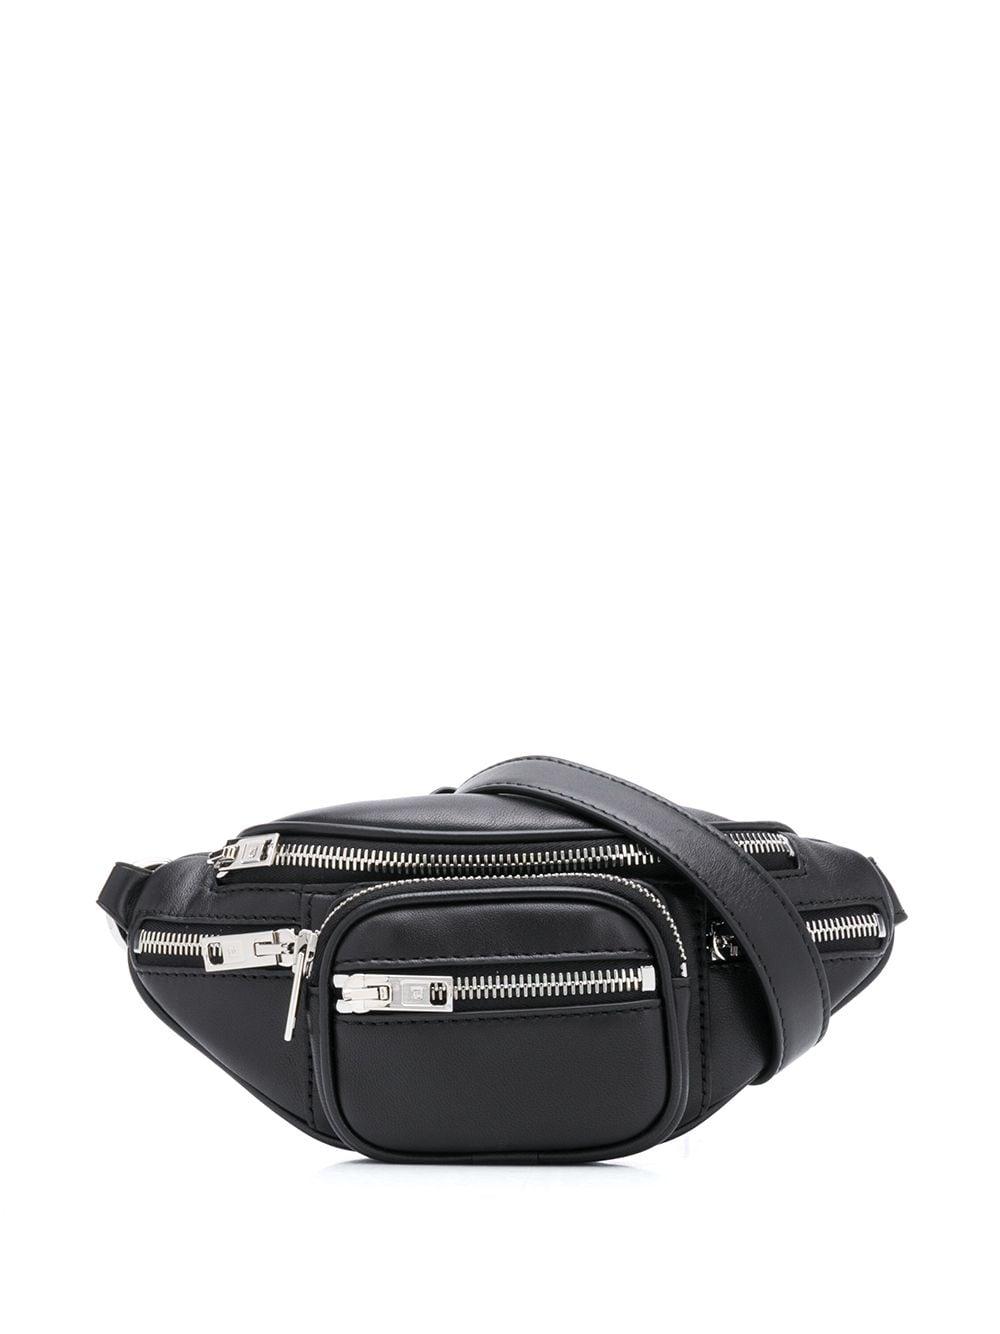 ALEXANDER WANG ALEXANDER WANG | Belt bag | 2030X0574L001